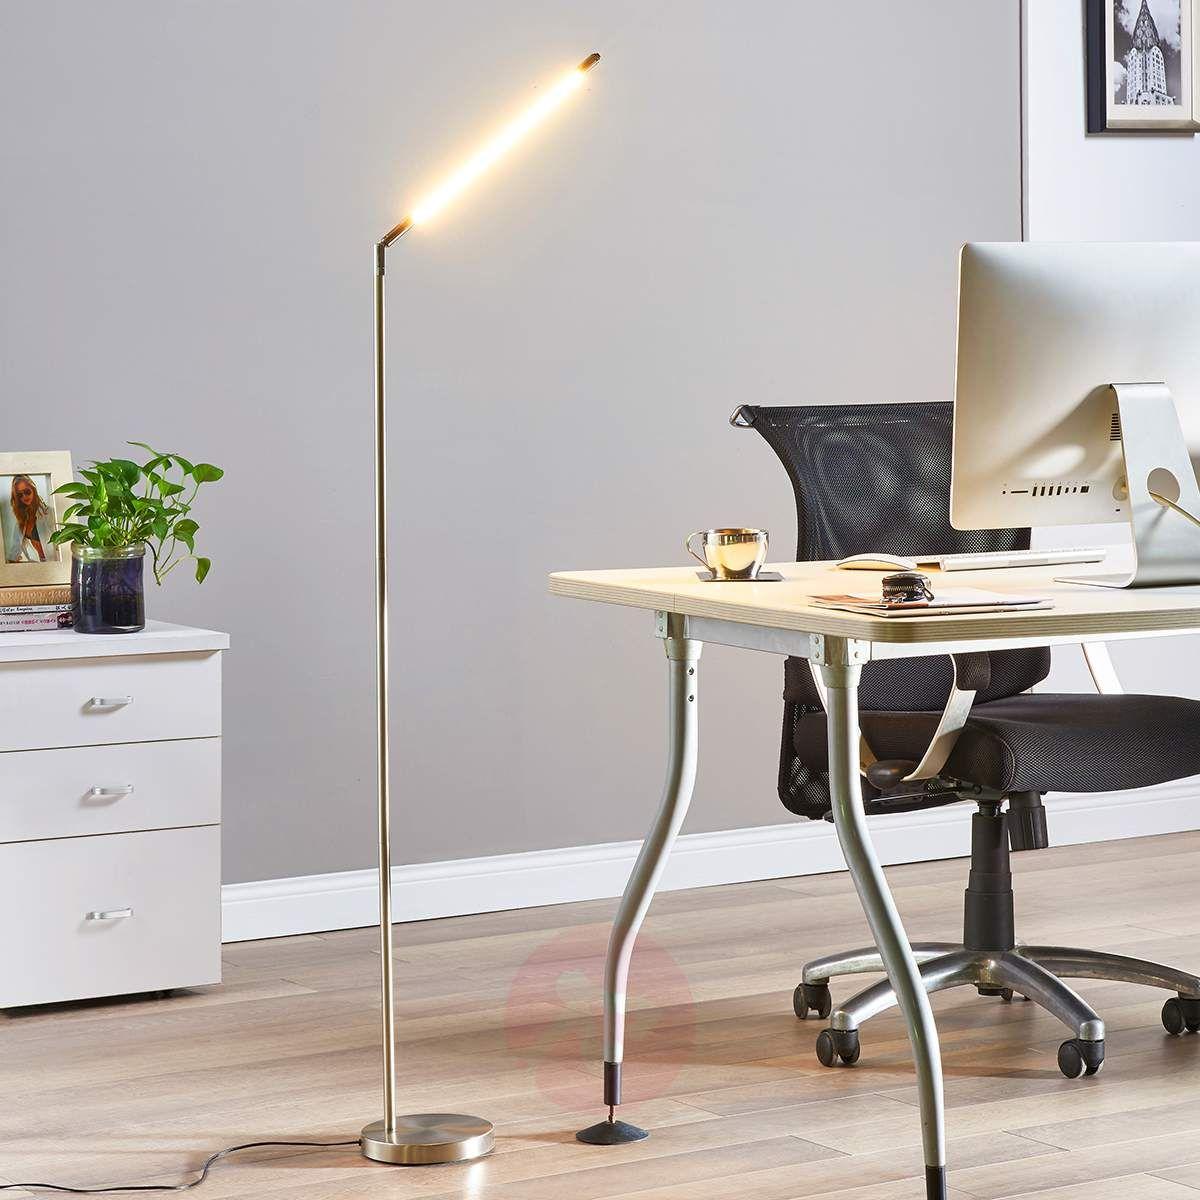 Minimalistyczna Lampa Stojąca Led Jabbo Do Czyt Lampy